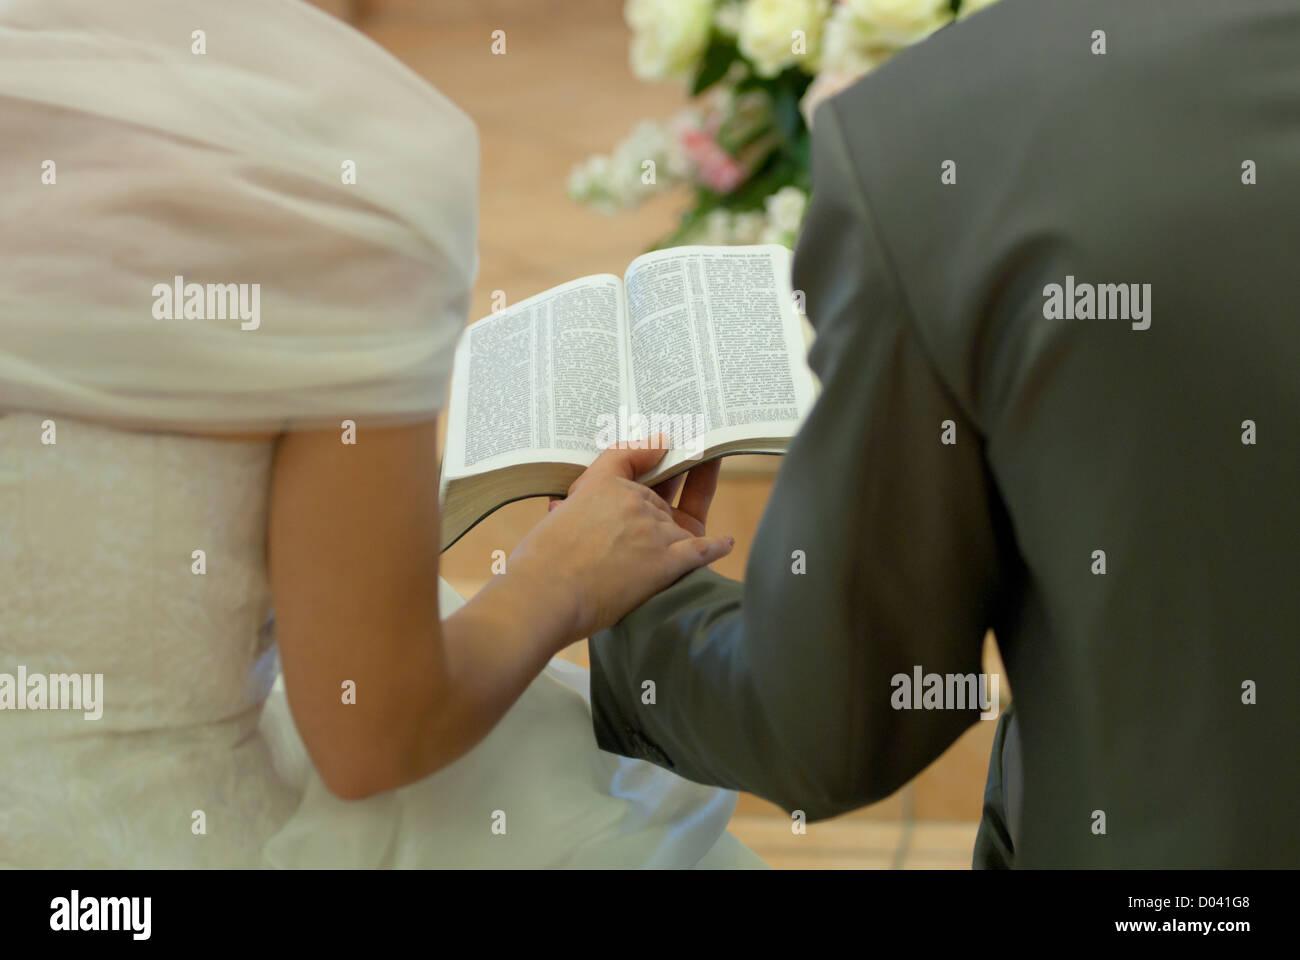 Matrimonio Leyendo La Biblia : Pareja leyendo la biblia cristiana durante la ceremonia de boda